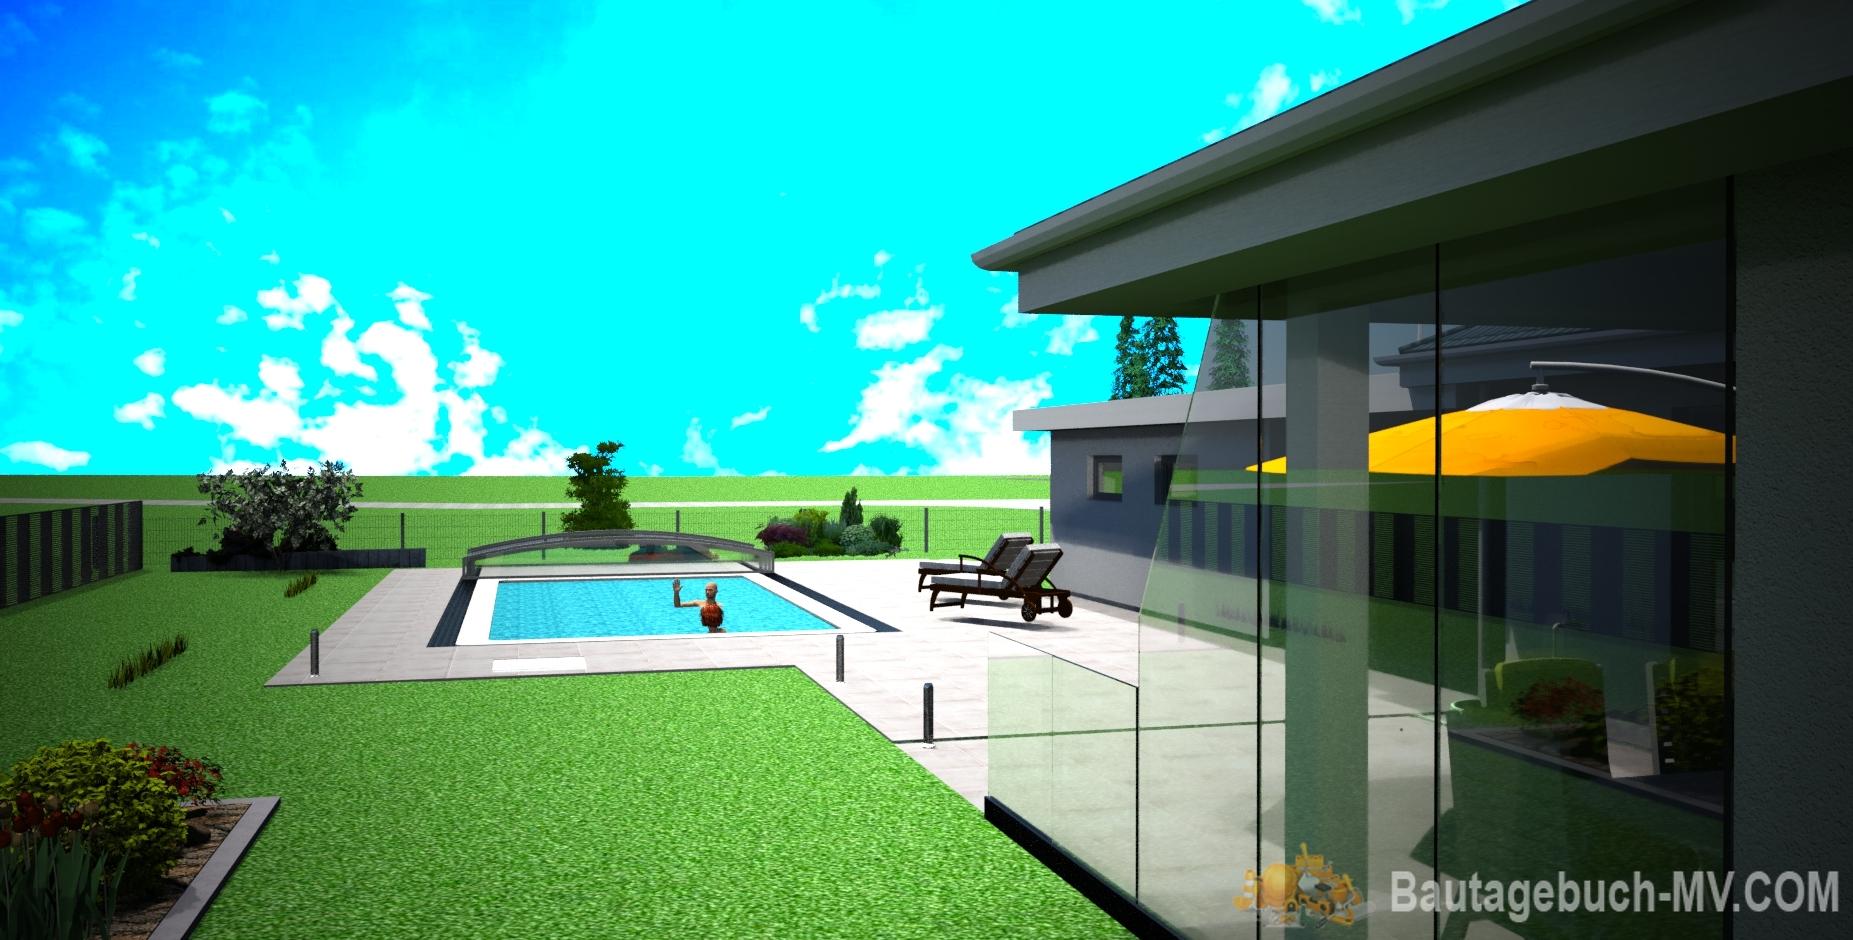 Pool Bau - Pläne 2020